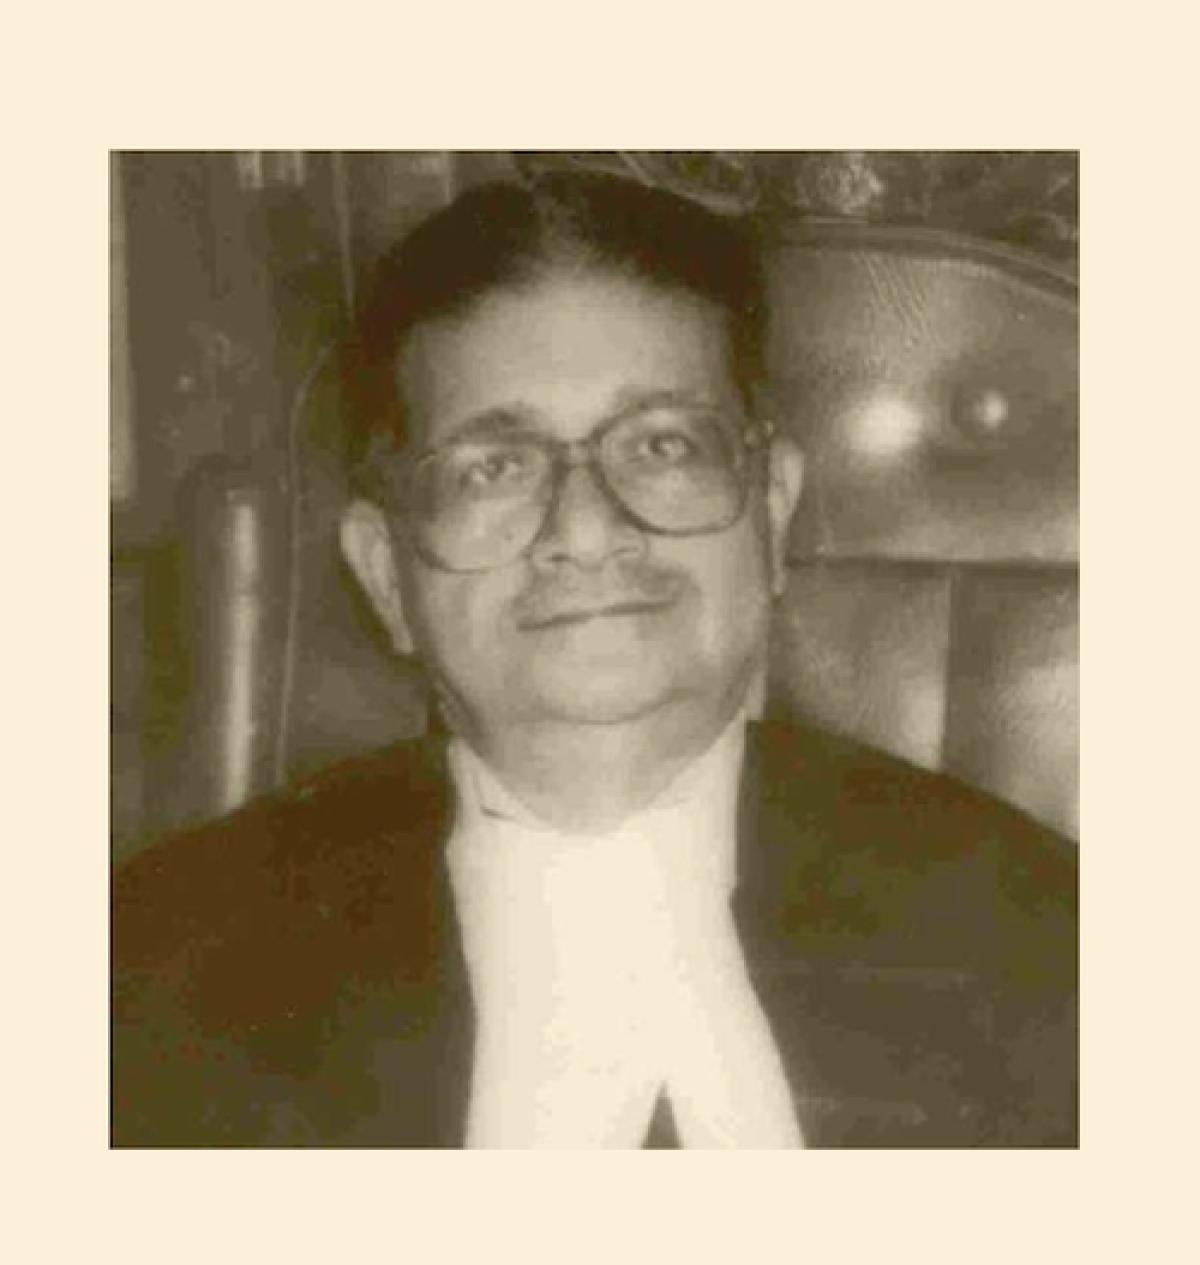 Justice Chittatosh Mookerjee